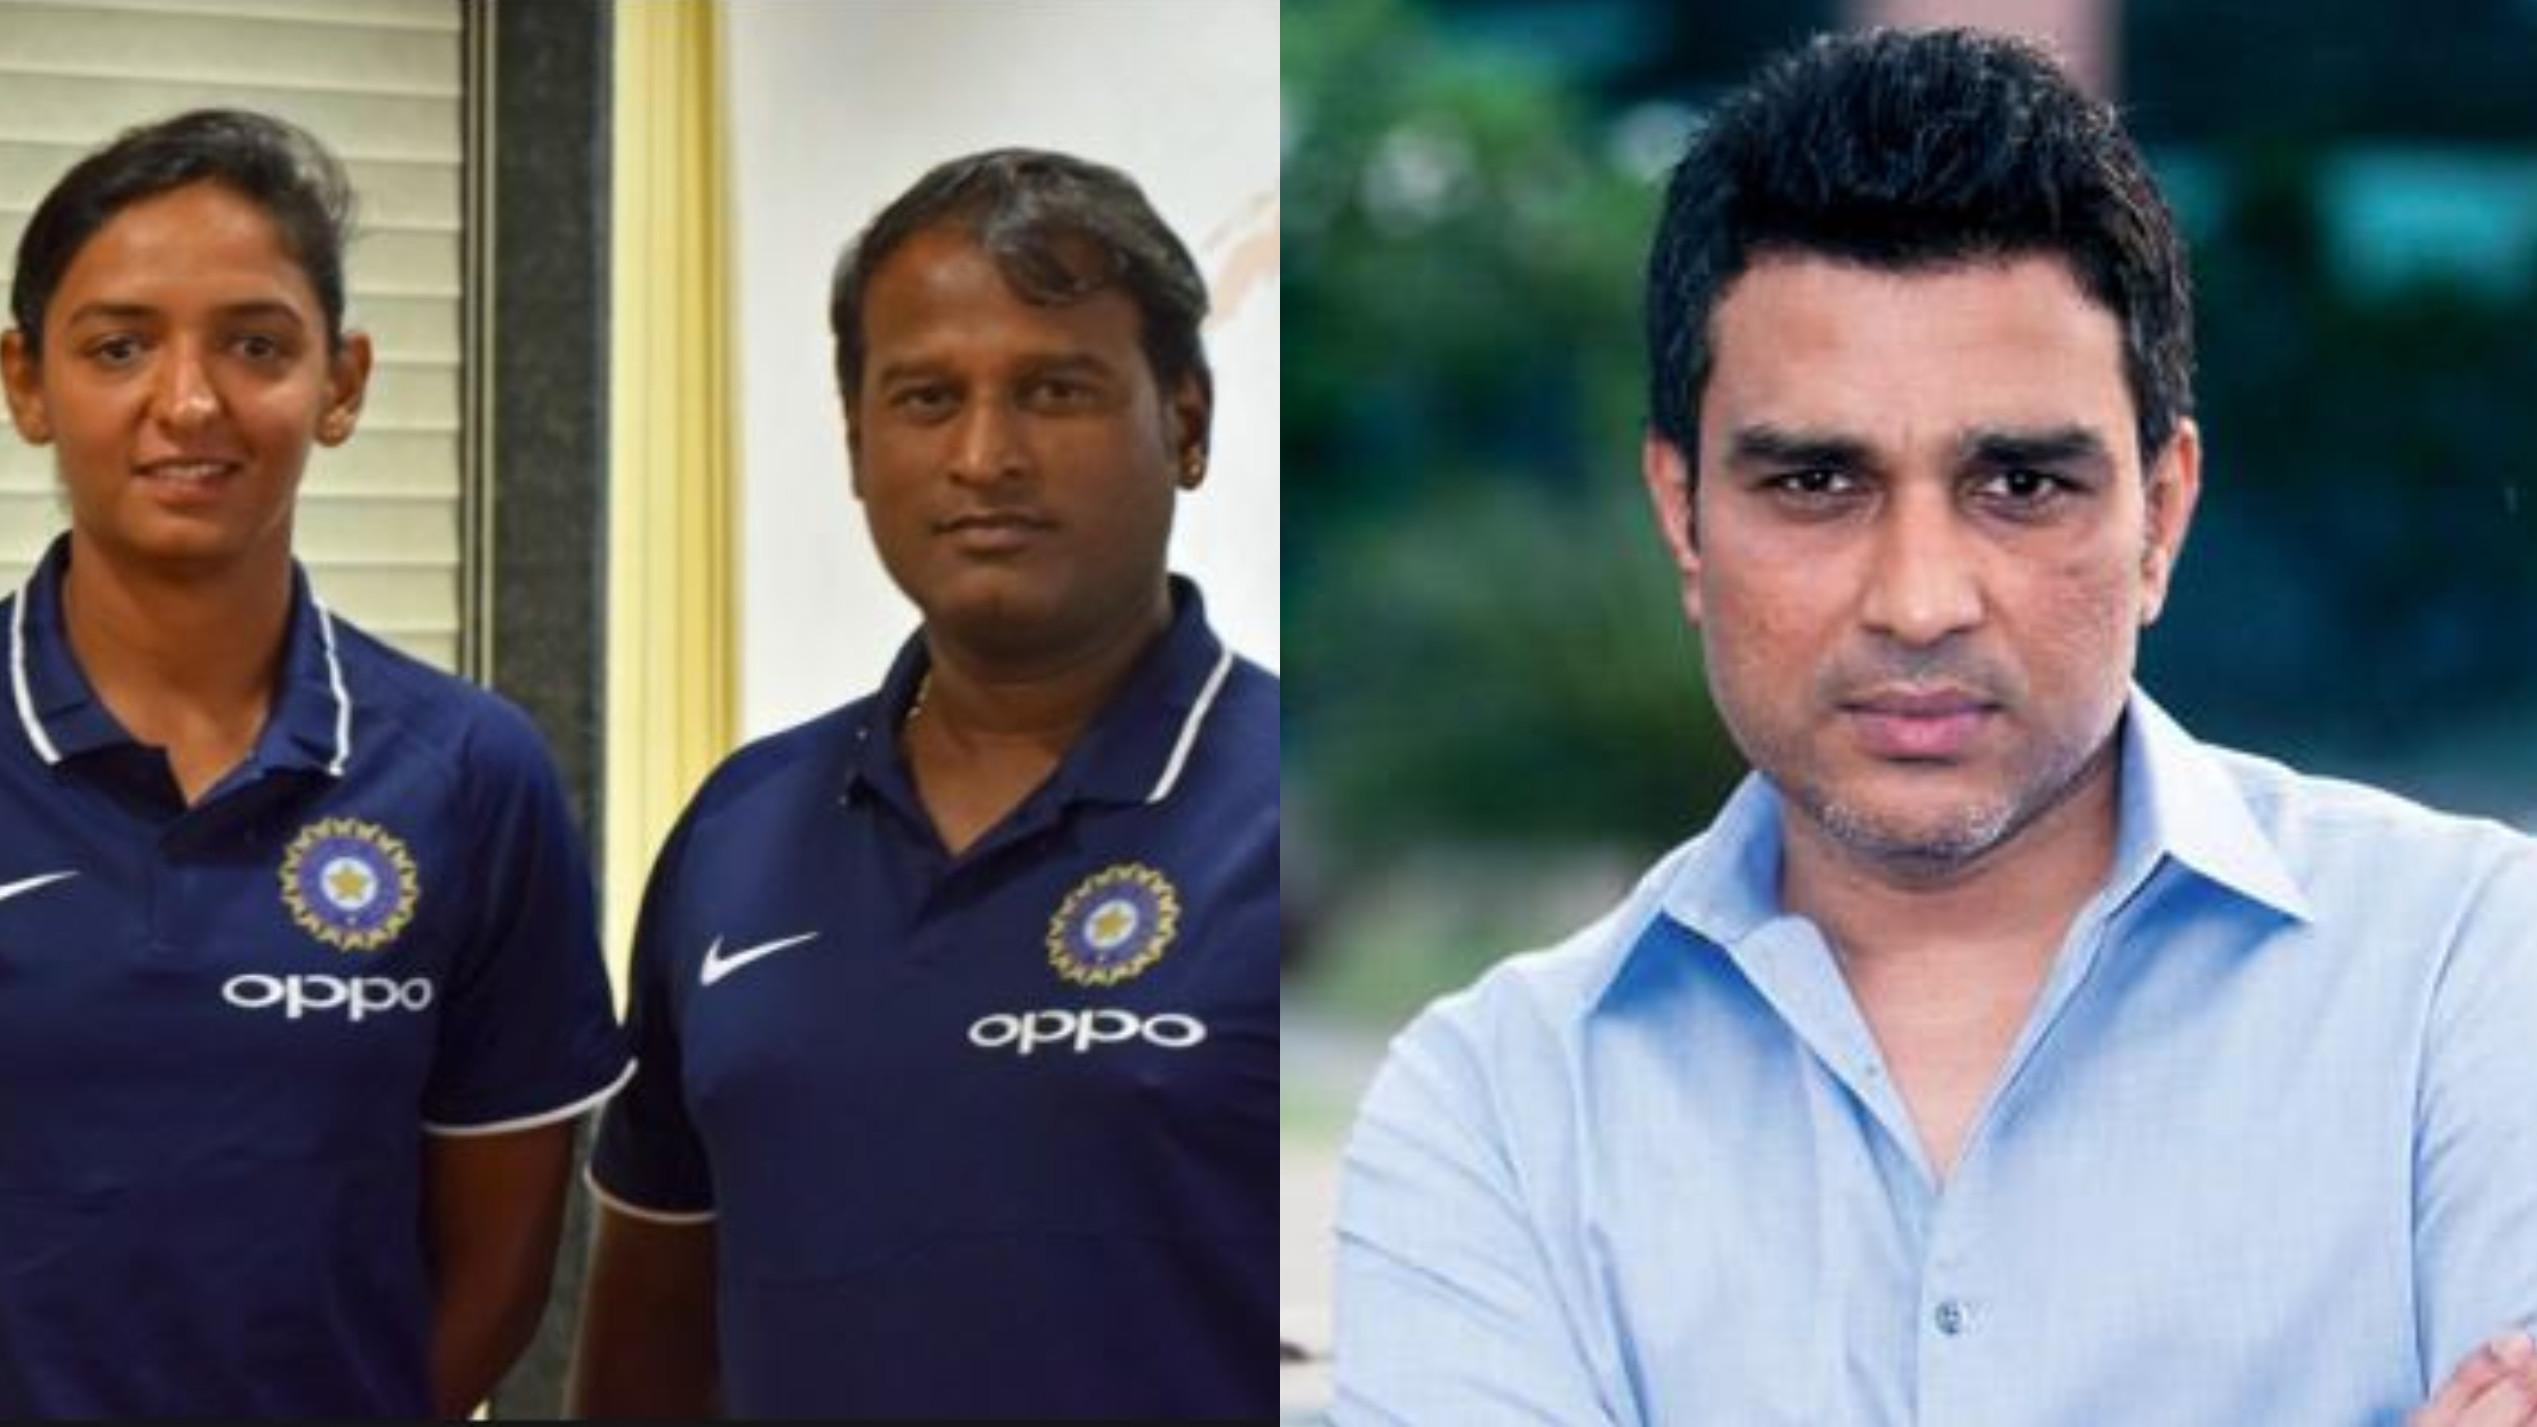 संजय मांजरेकर के अनुसार हरमनप्रीत कौर कोच रमेश पोवार की भूमिका को बढ़ा-चढ़ाकर कर रही हैं पेश